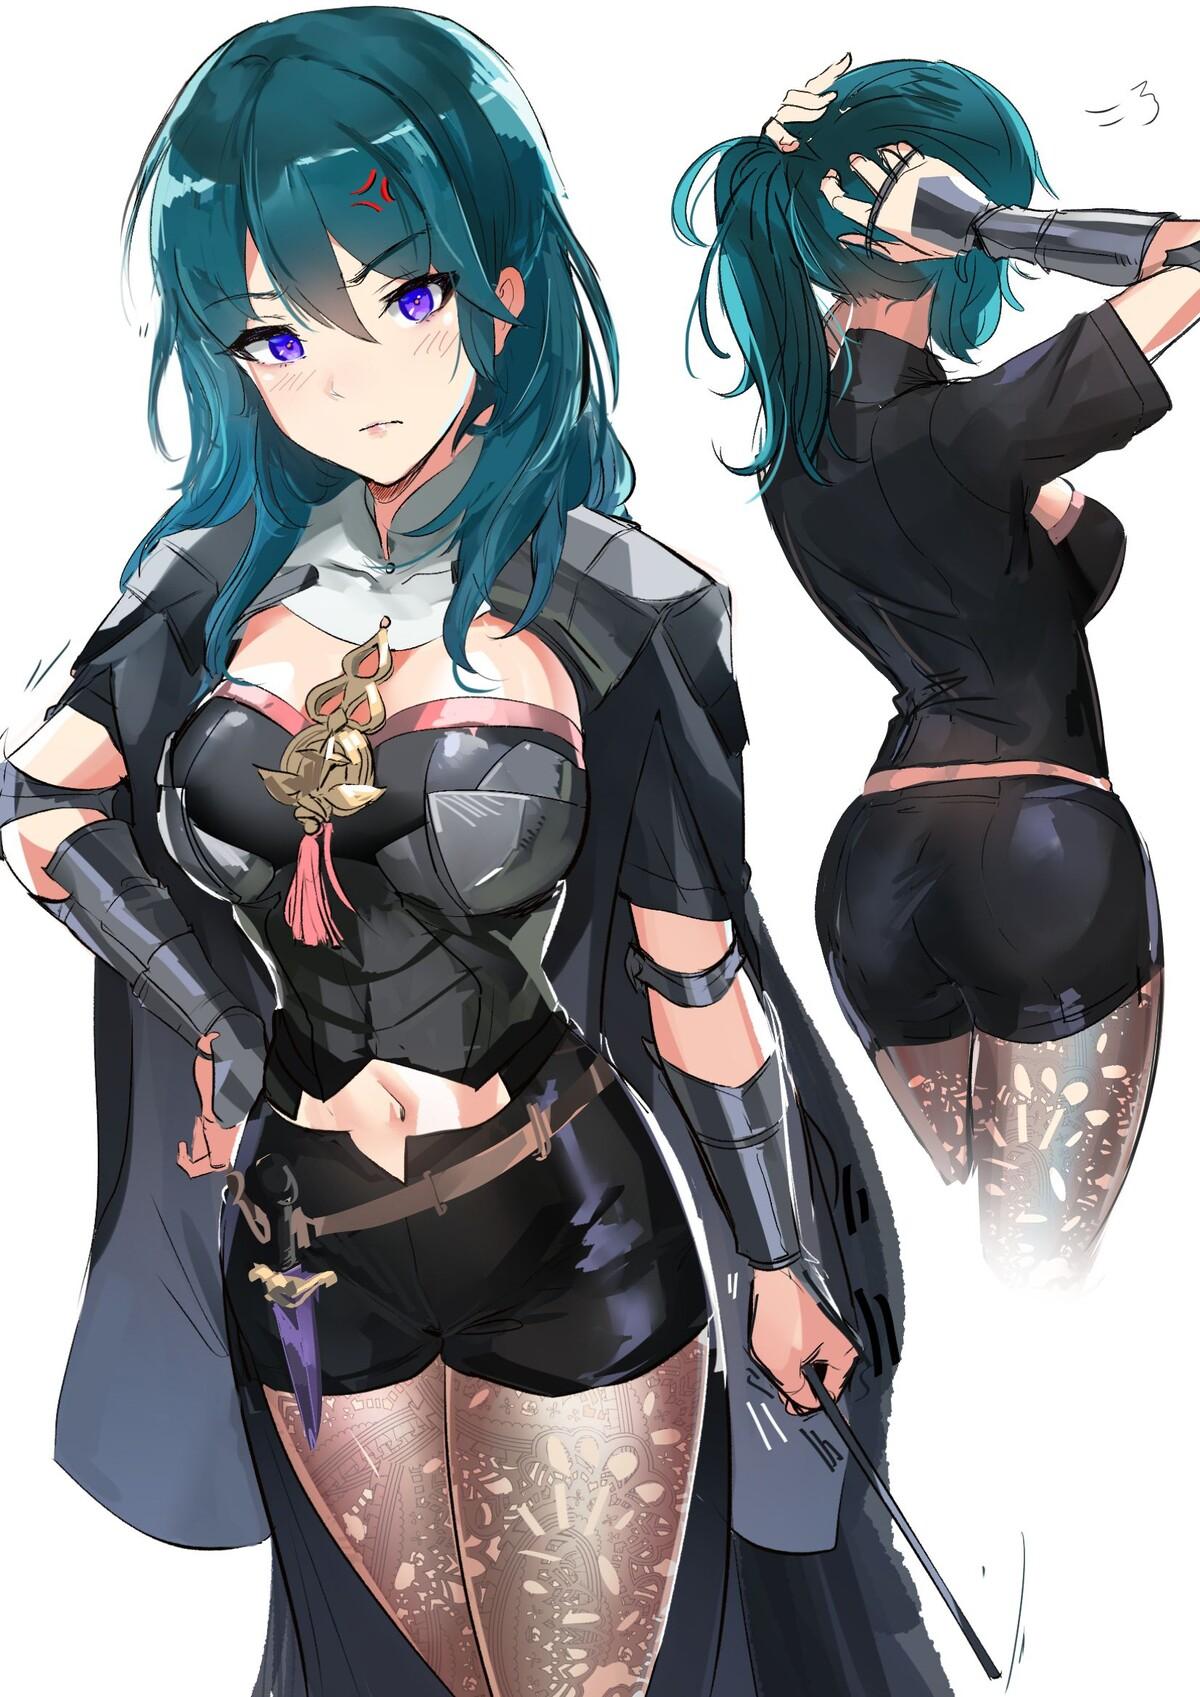 byleth_(fire_emblem)_(female)131